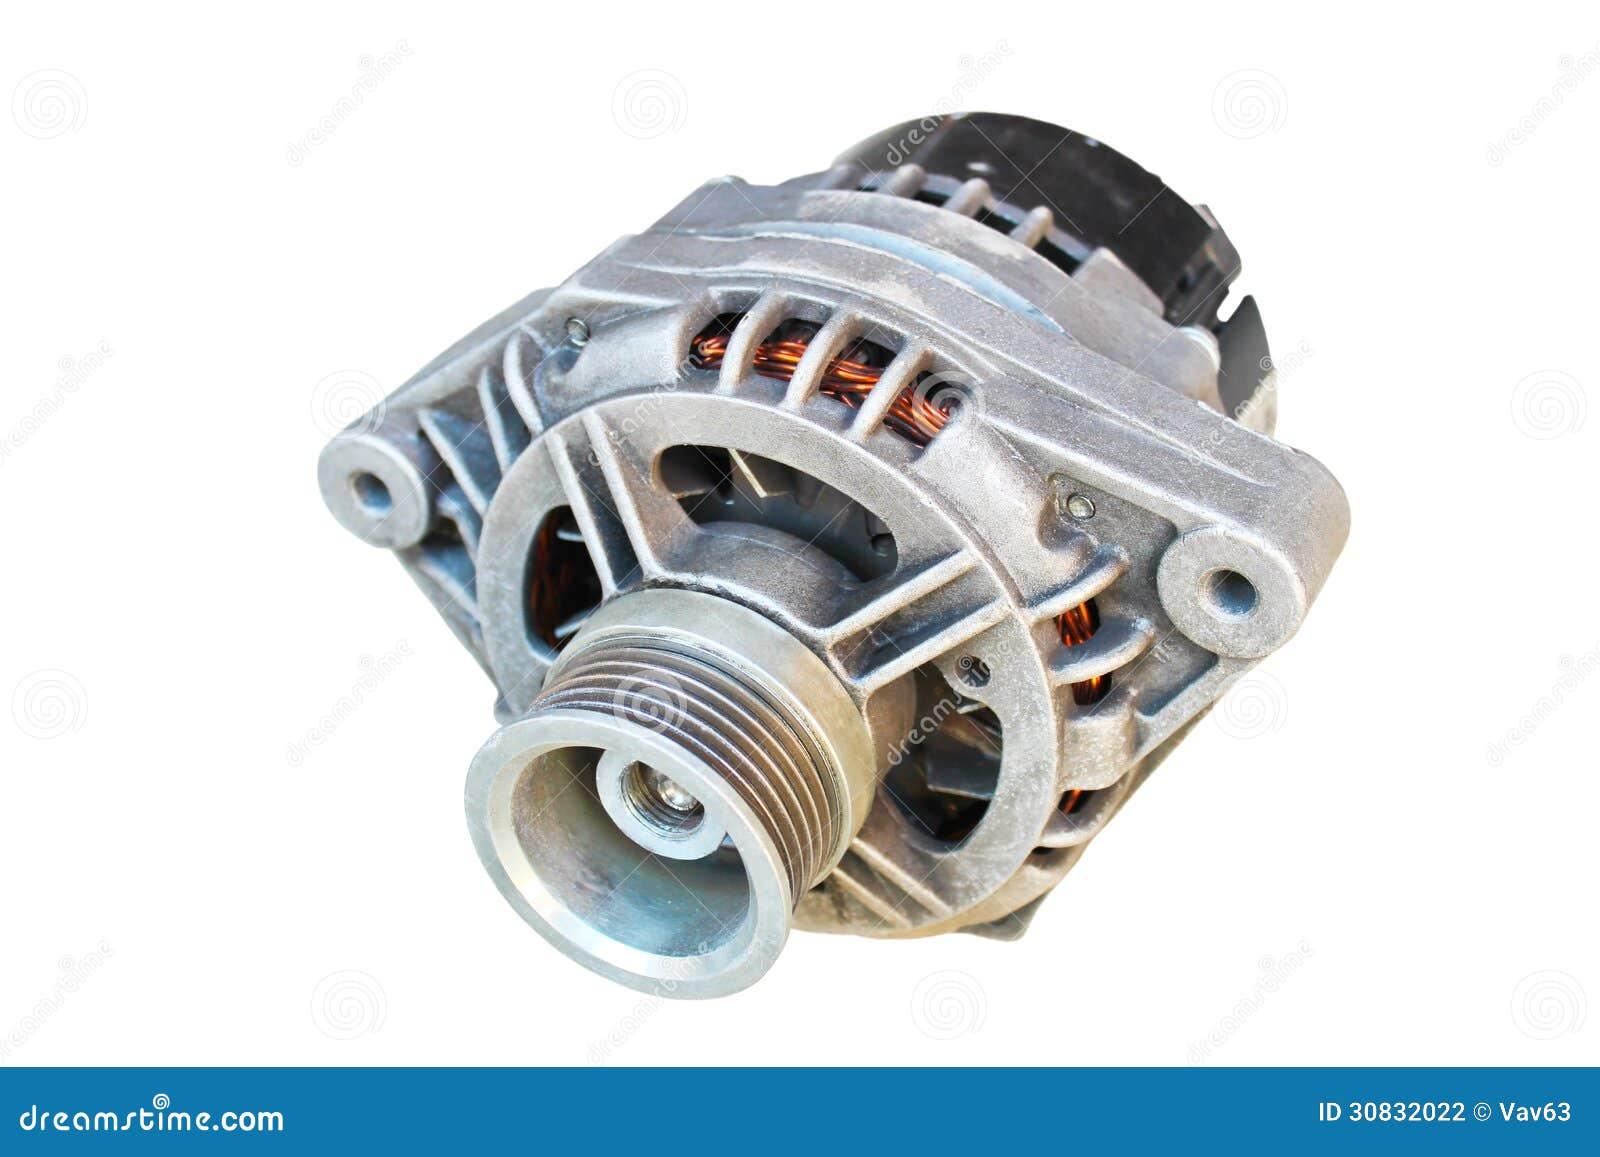 汽车交流发电机需要哪些试验检测设备图片